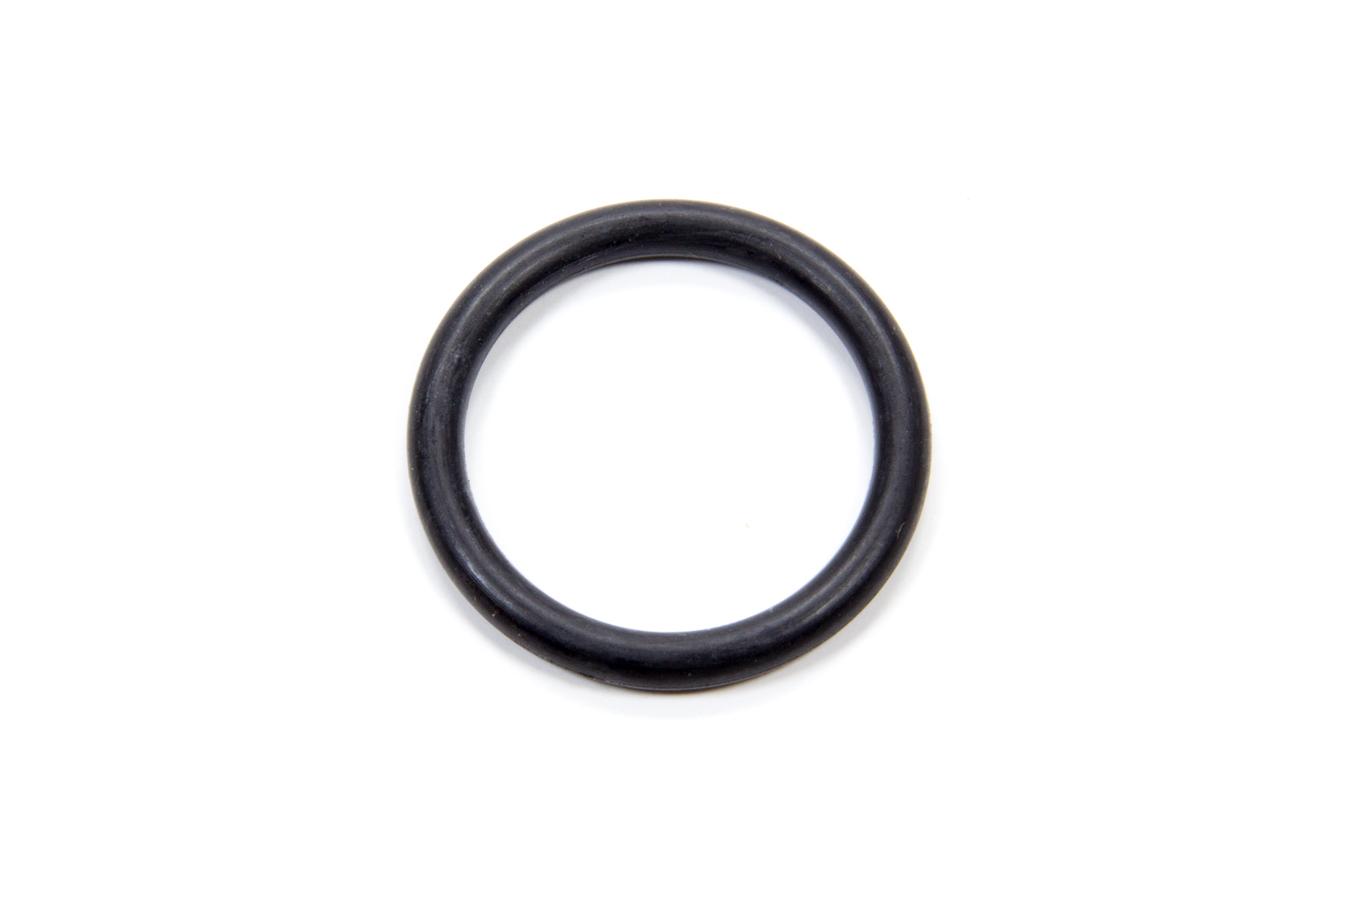 Brinn Transmission 71046 O-Ring, Rubber, Brinn Transmission, Each